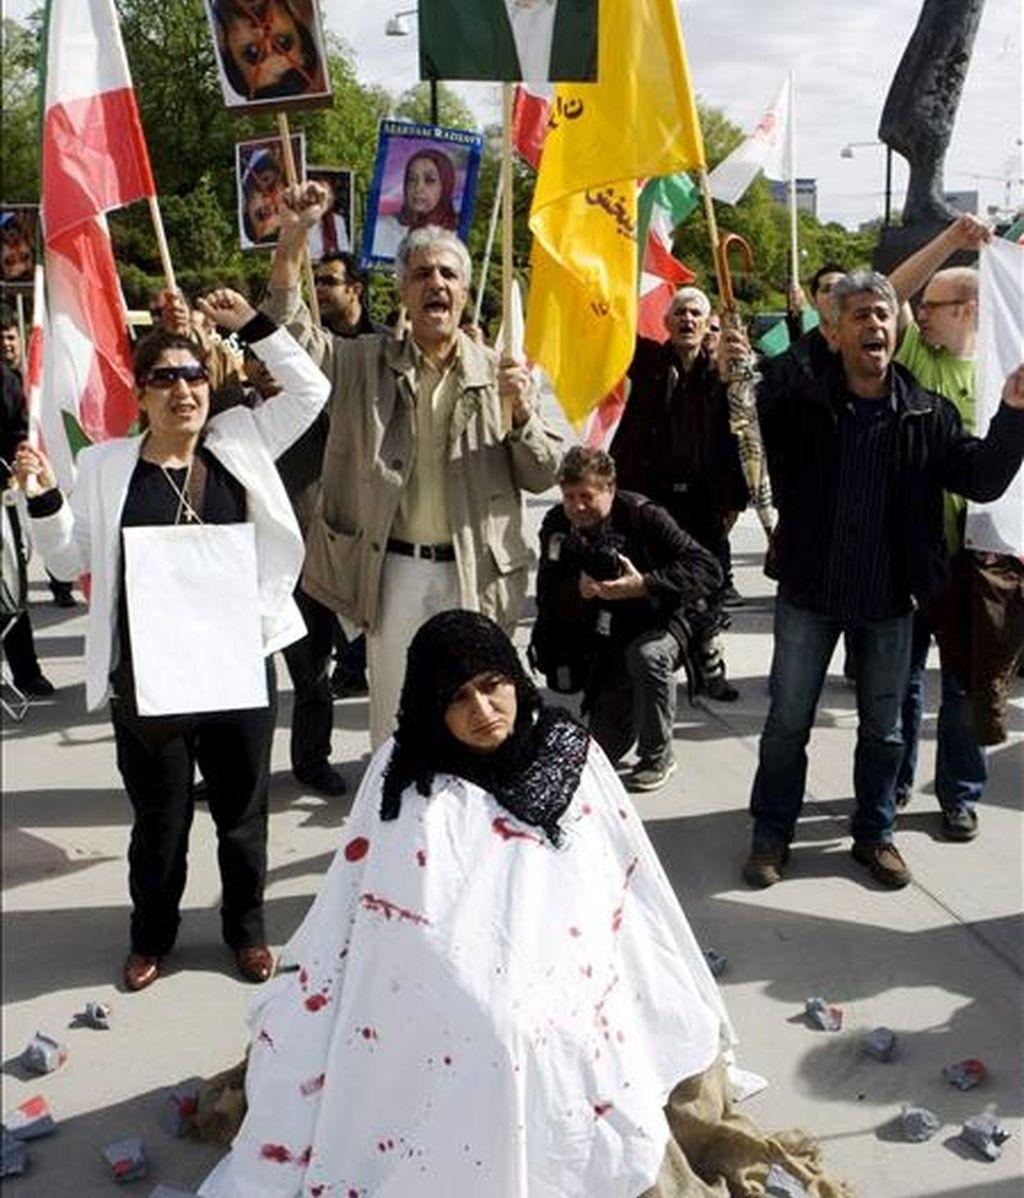 Unos manifestantes escenifican la lapidación de una mujer durante una protesta en Oslo (Noruega). EFE/Archivo